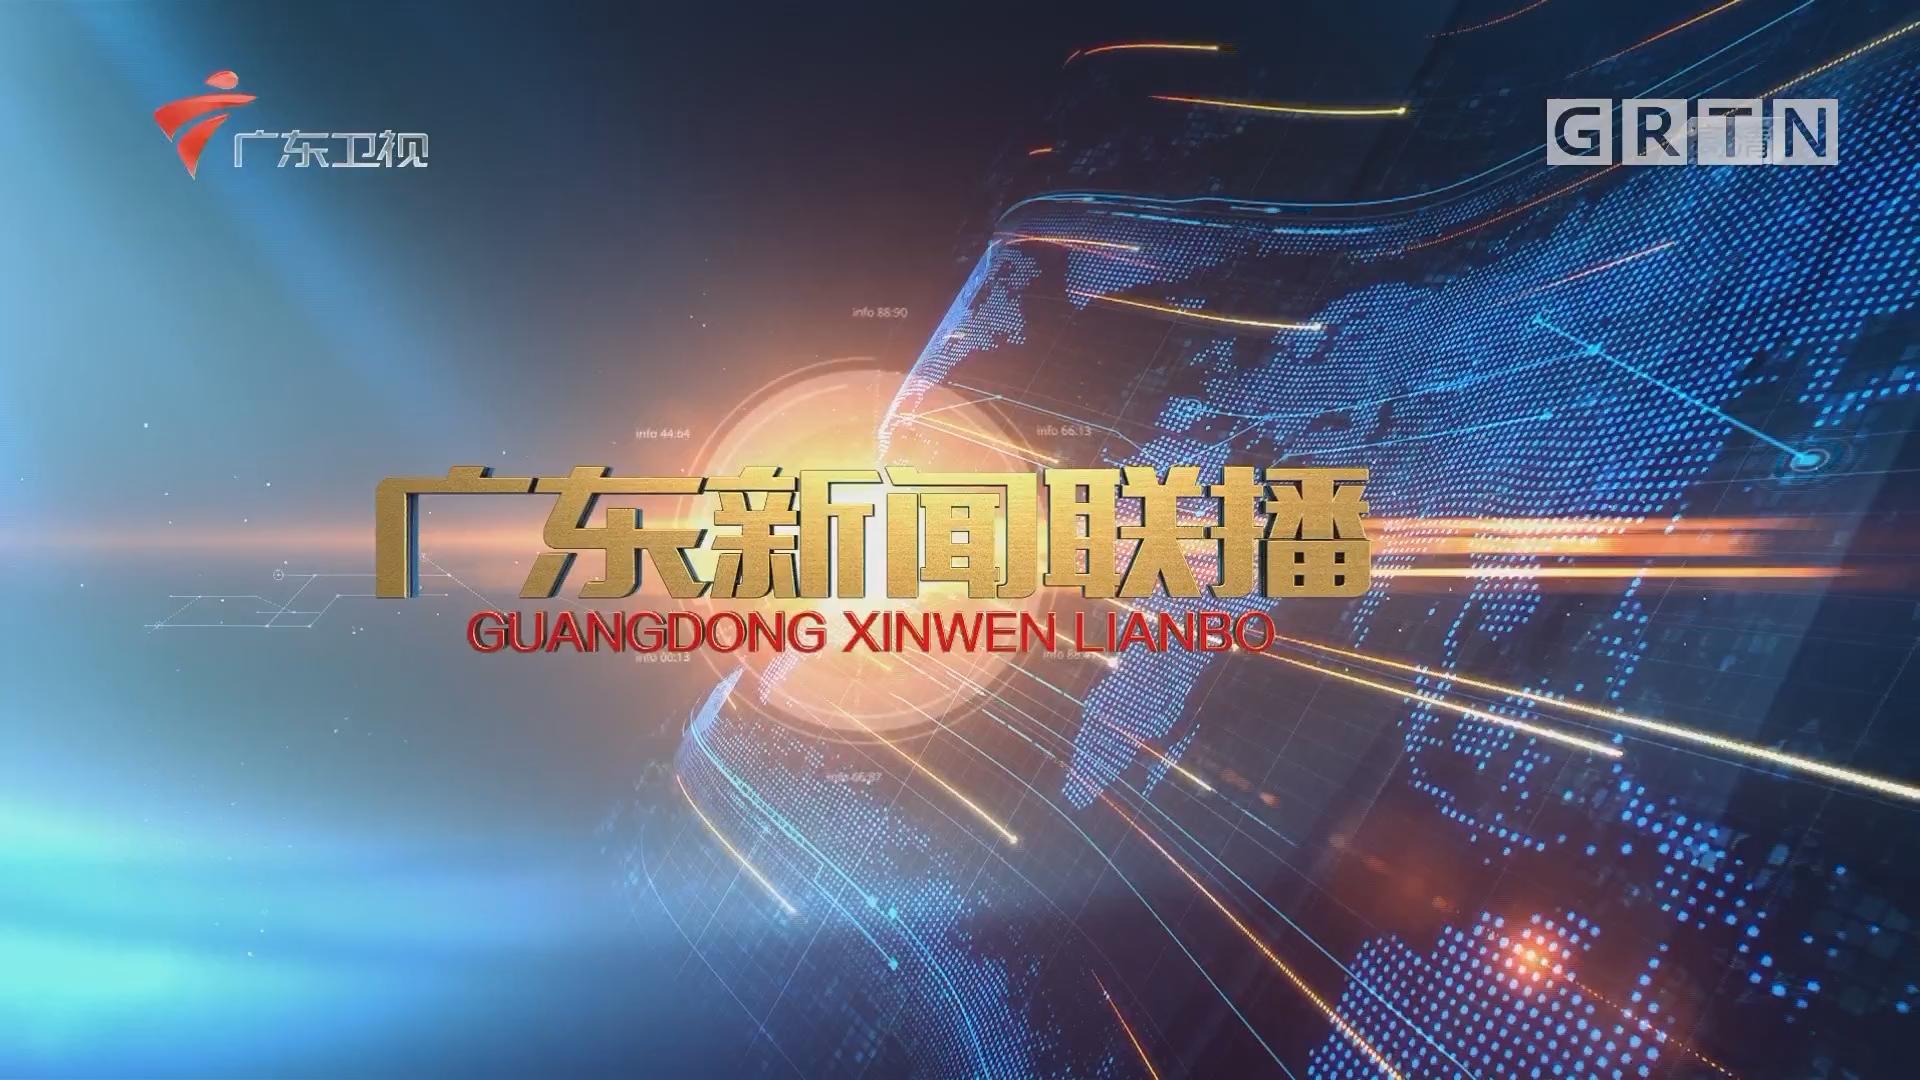 [HD][2018-02-21]广东新闻联播:铁路公路民航迎来节后返程最高峰